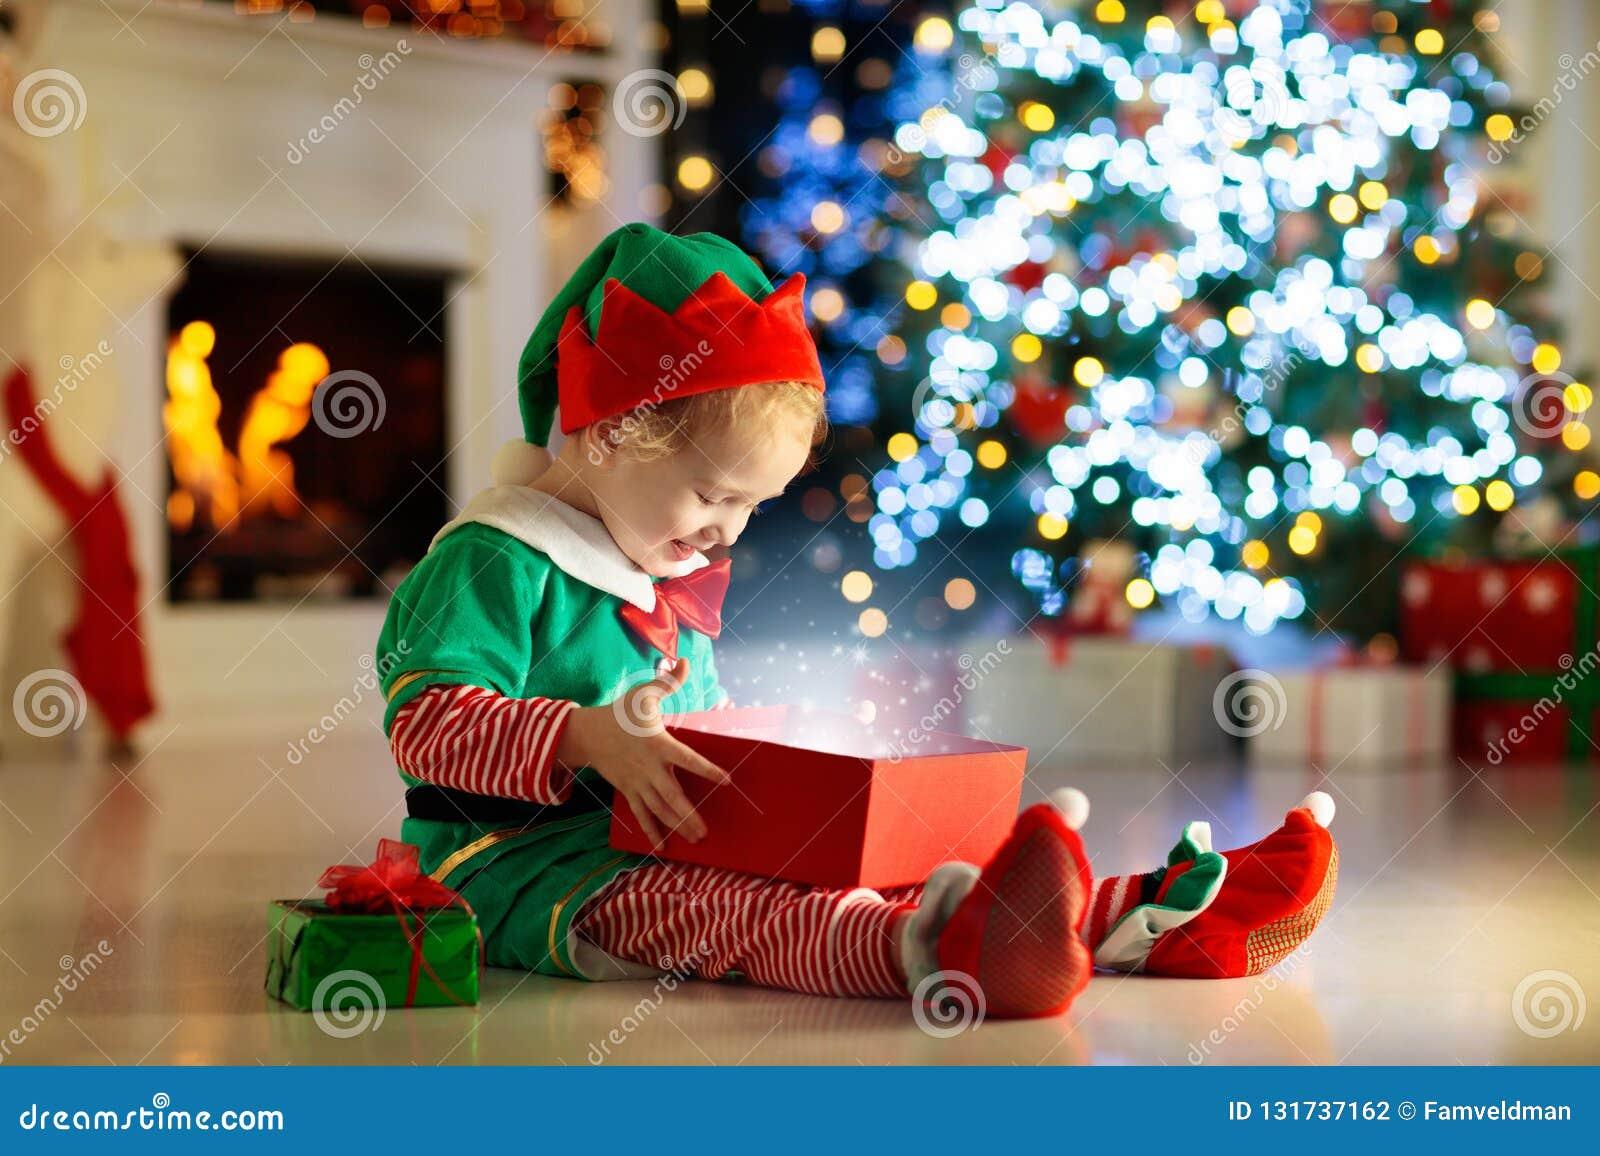 Άνοιγμα παιδιών παρόν στο χριστουγεννιάτικο δέντρο στο σπίτι Παιδί στο κοστούμι νεραιδών με τα δώρα και τα παιχνίδια Χριστουγέννω